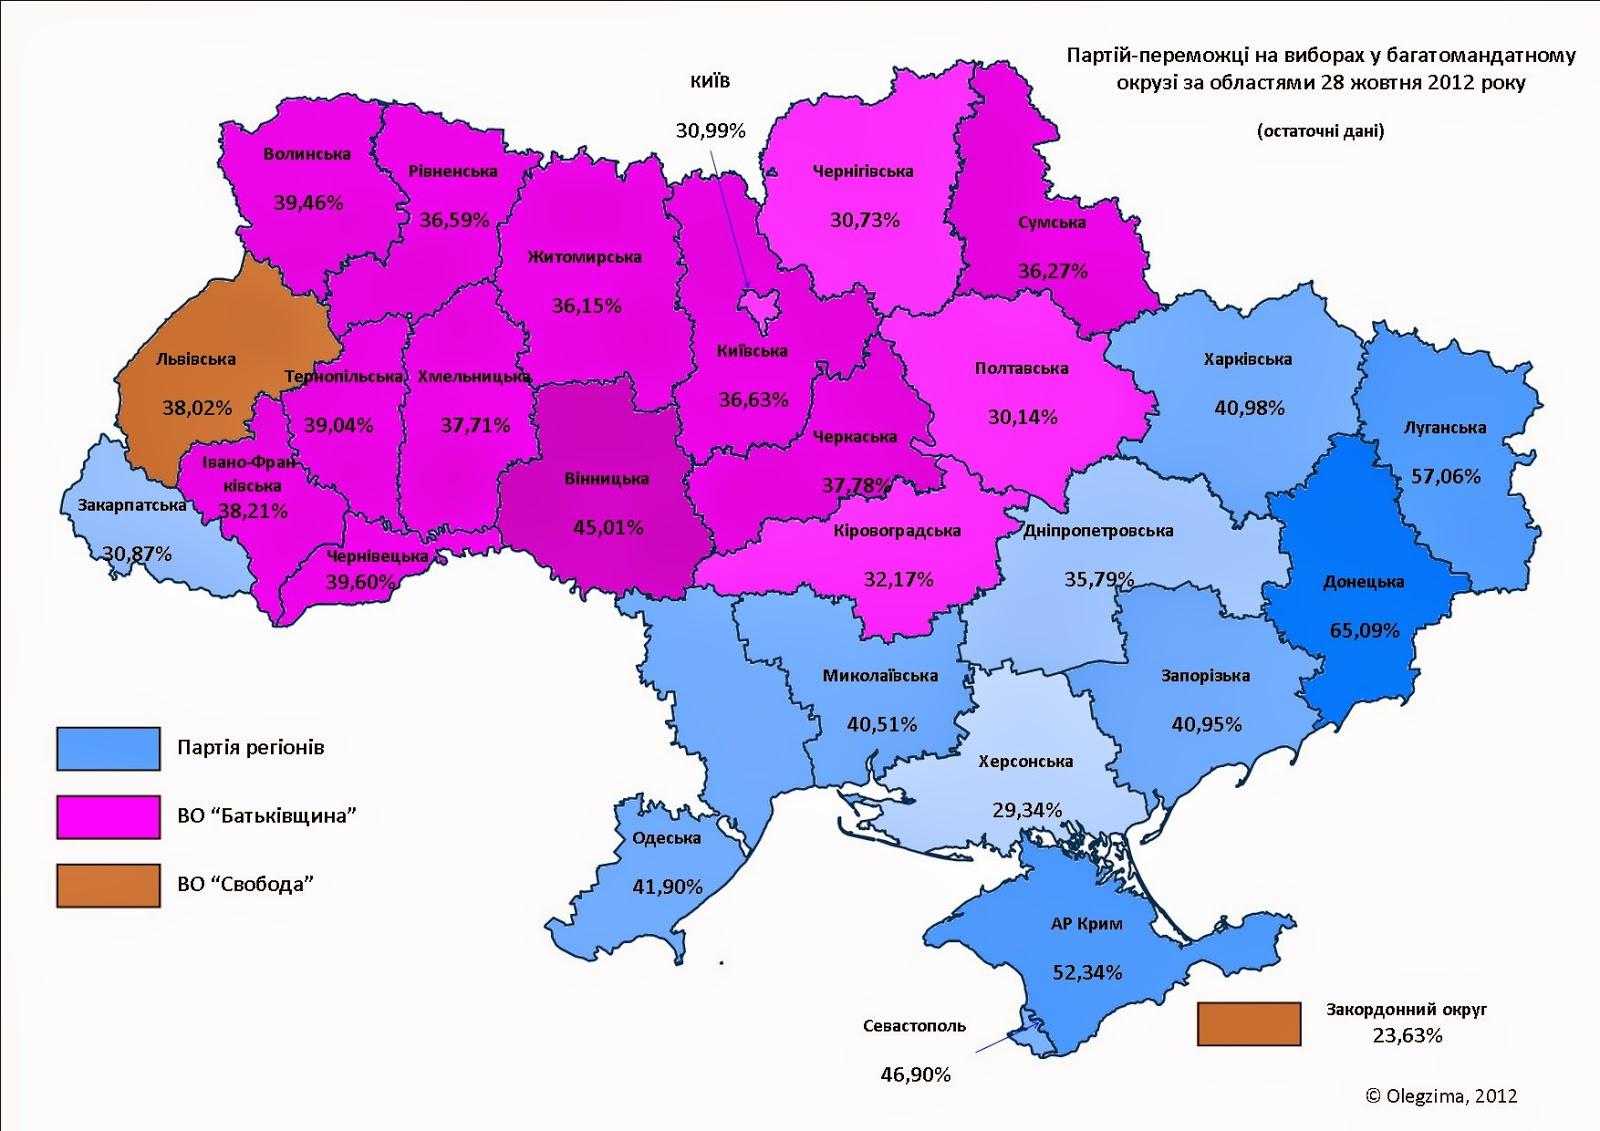 Nova Republika Ukraina Jedina Aneb Kde Se Trha Ukrajina